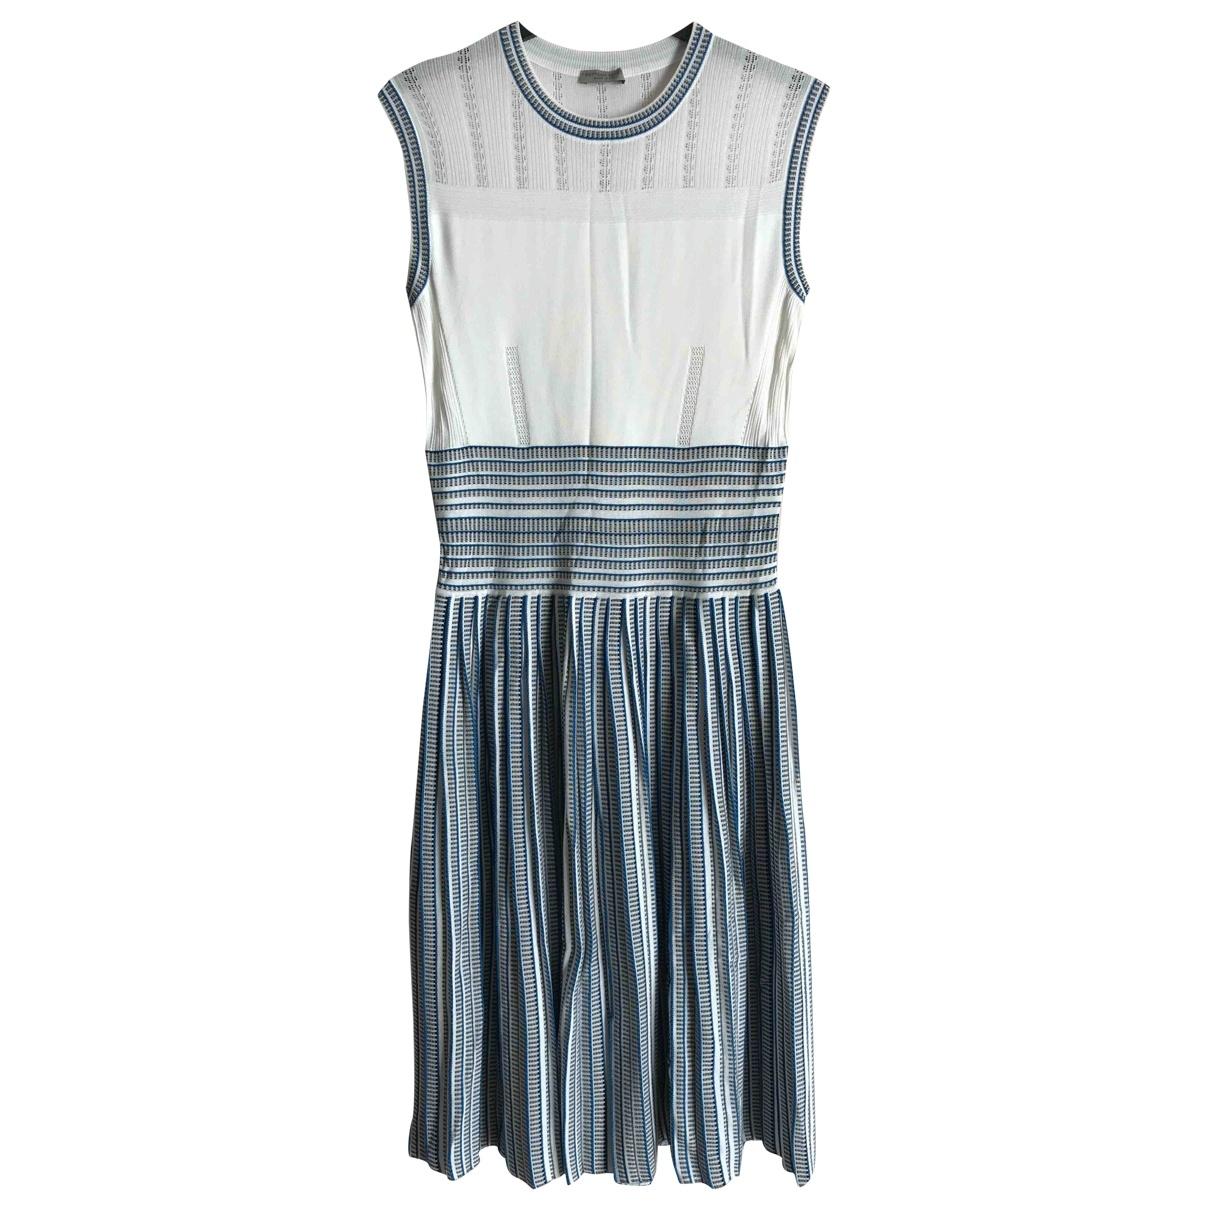 Bottega Veneta \N dress for Women 40 IT